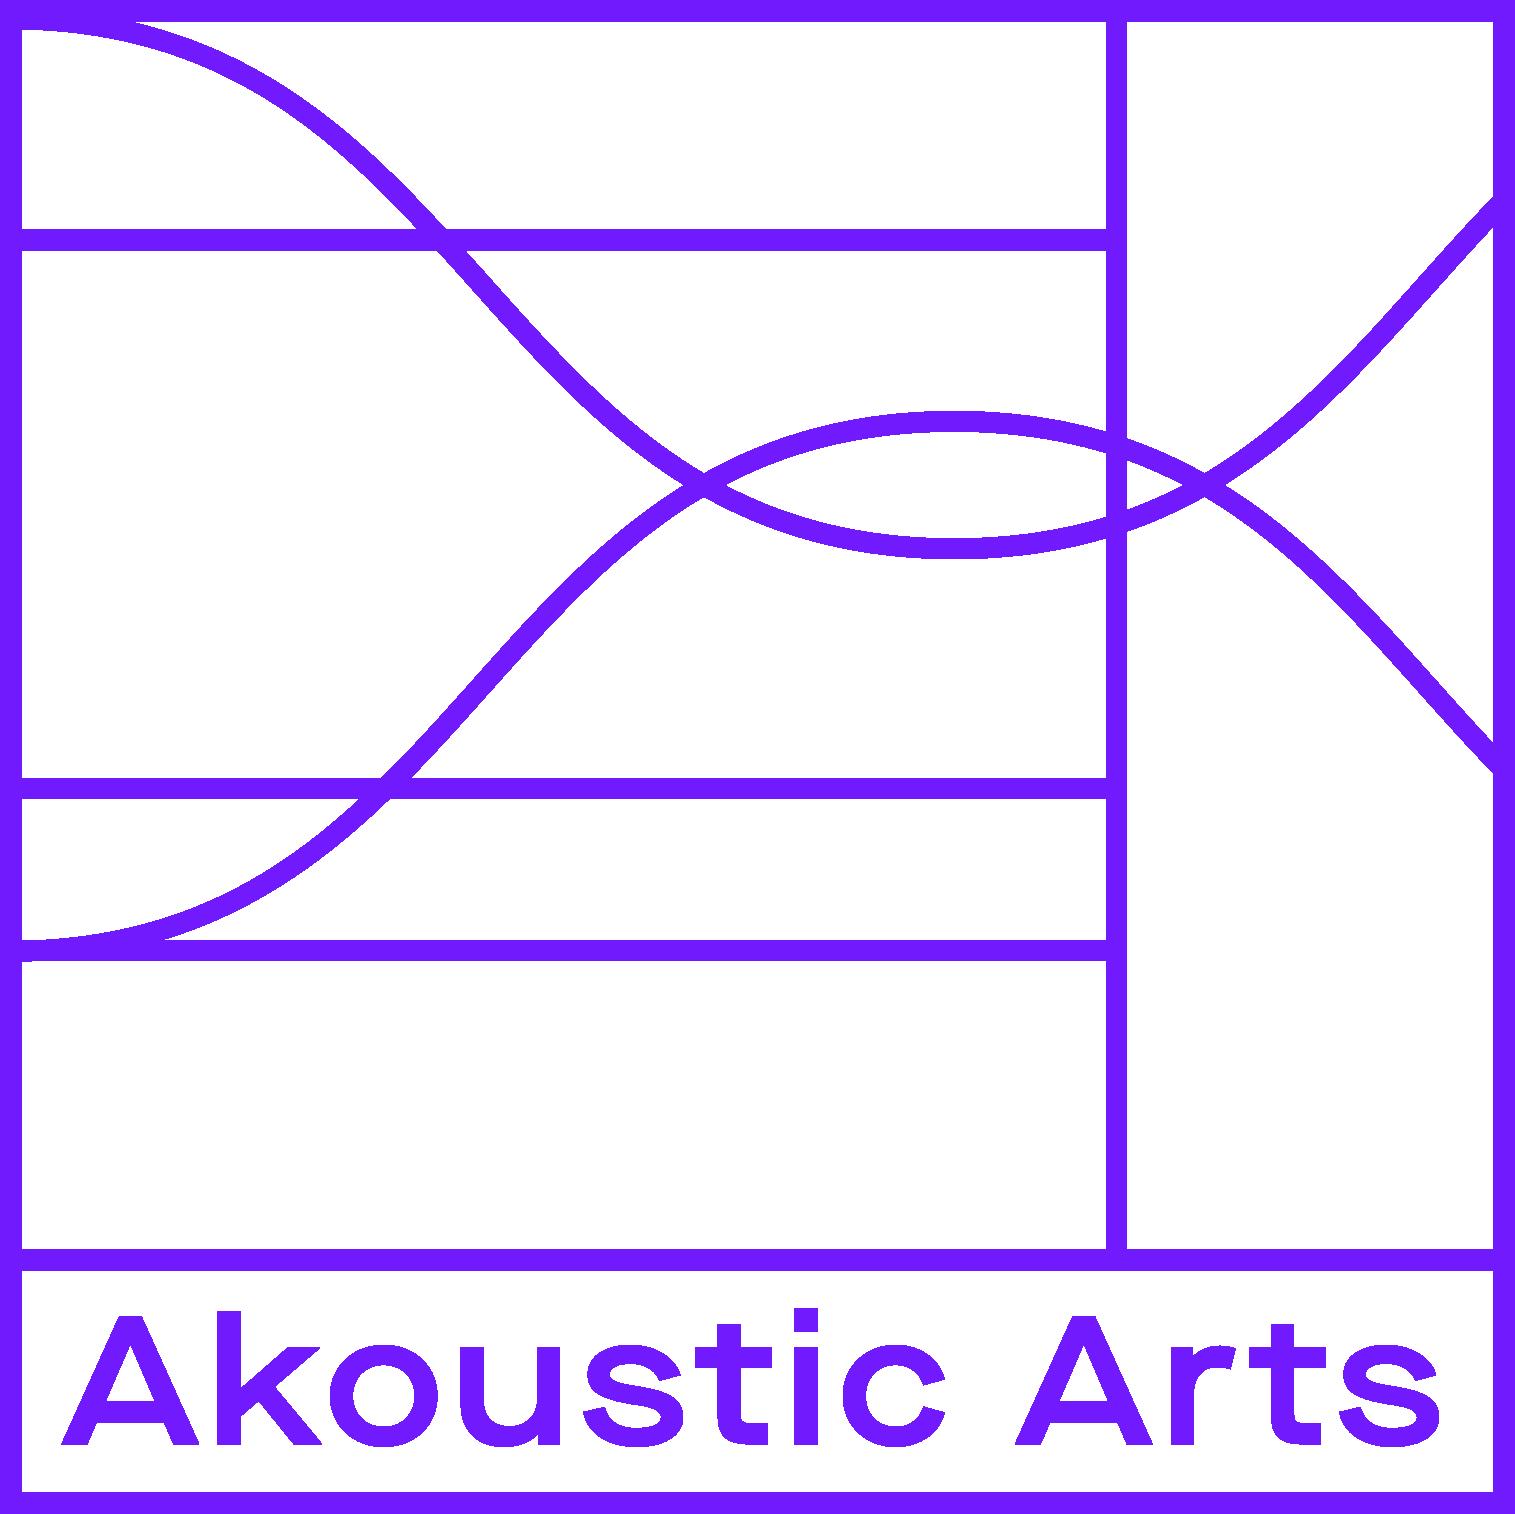 Akoustic Arts logo